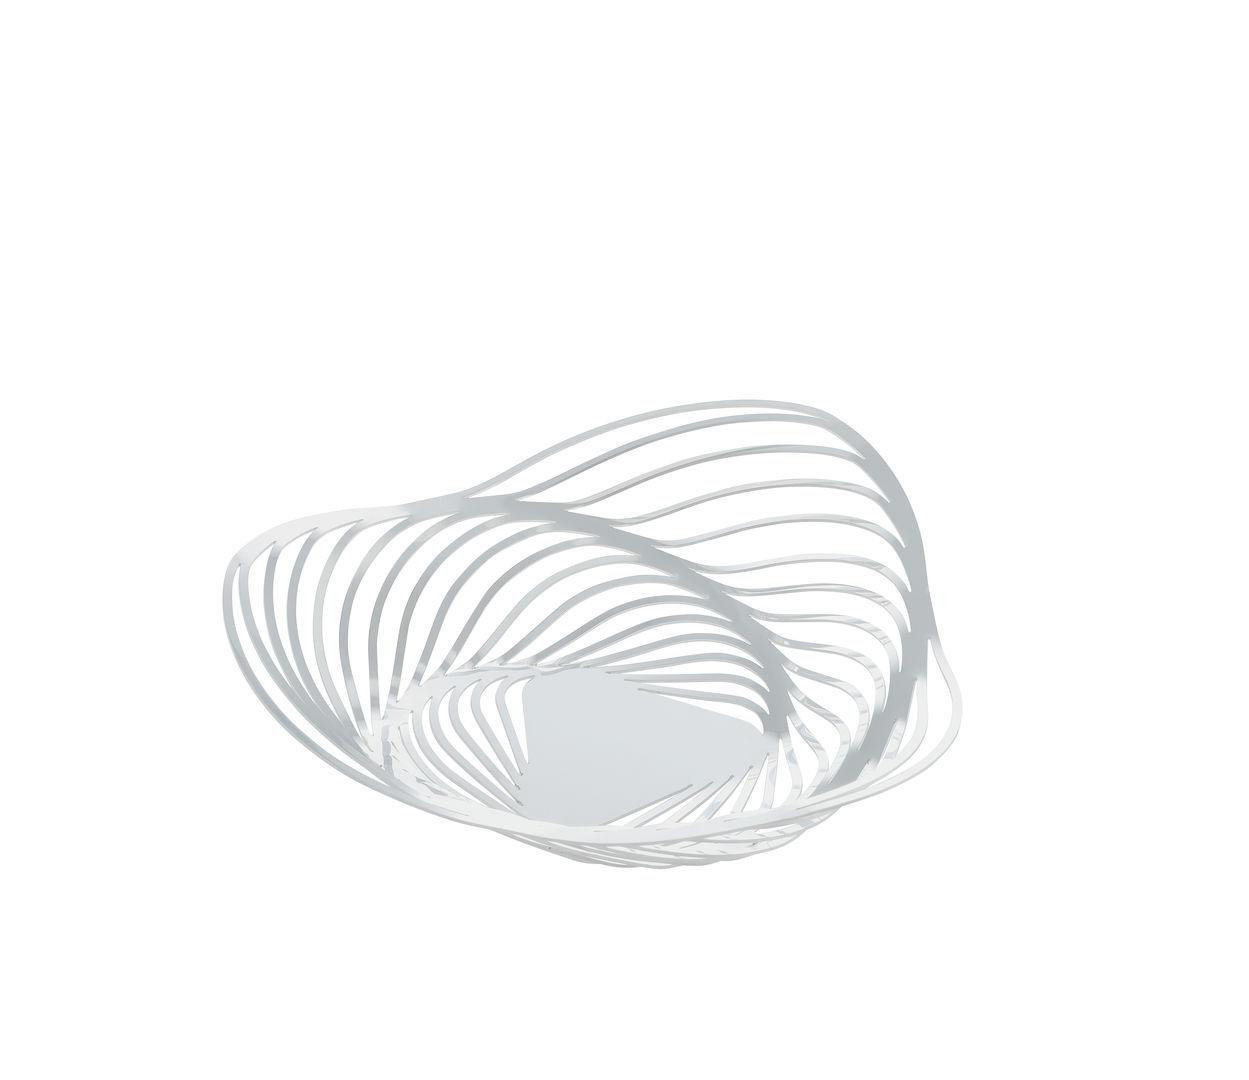 Schale H 7 x Ø 26 cm / weiß lackiert